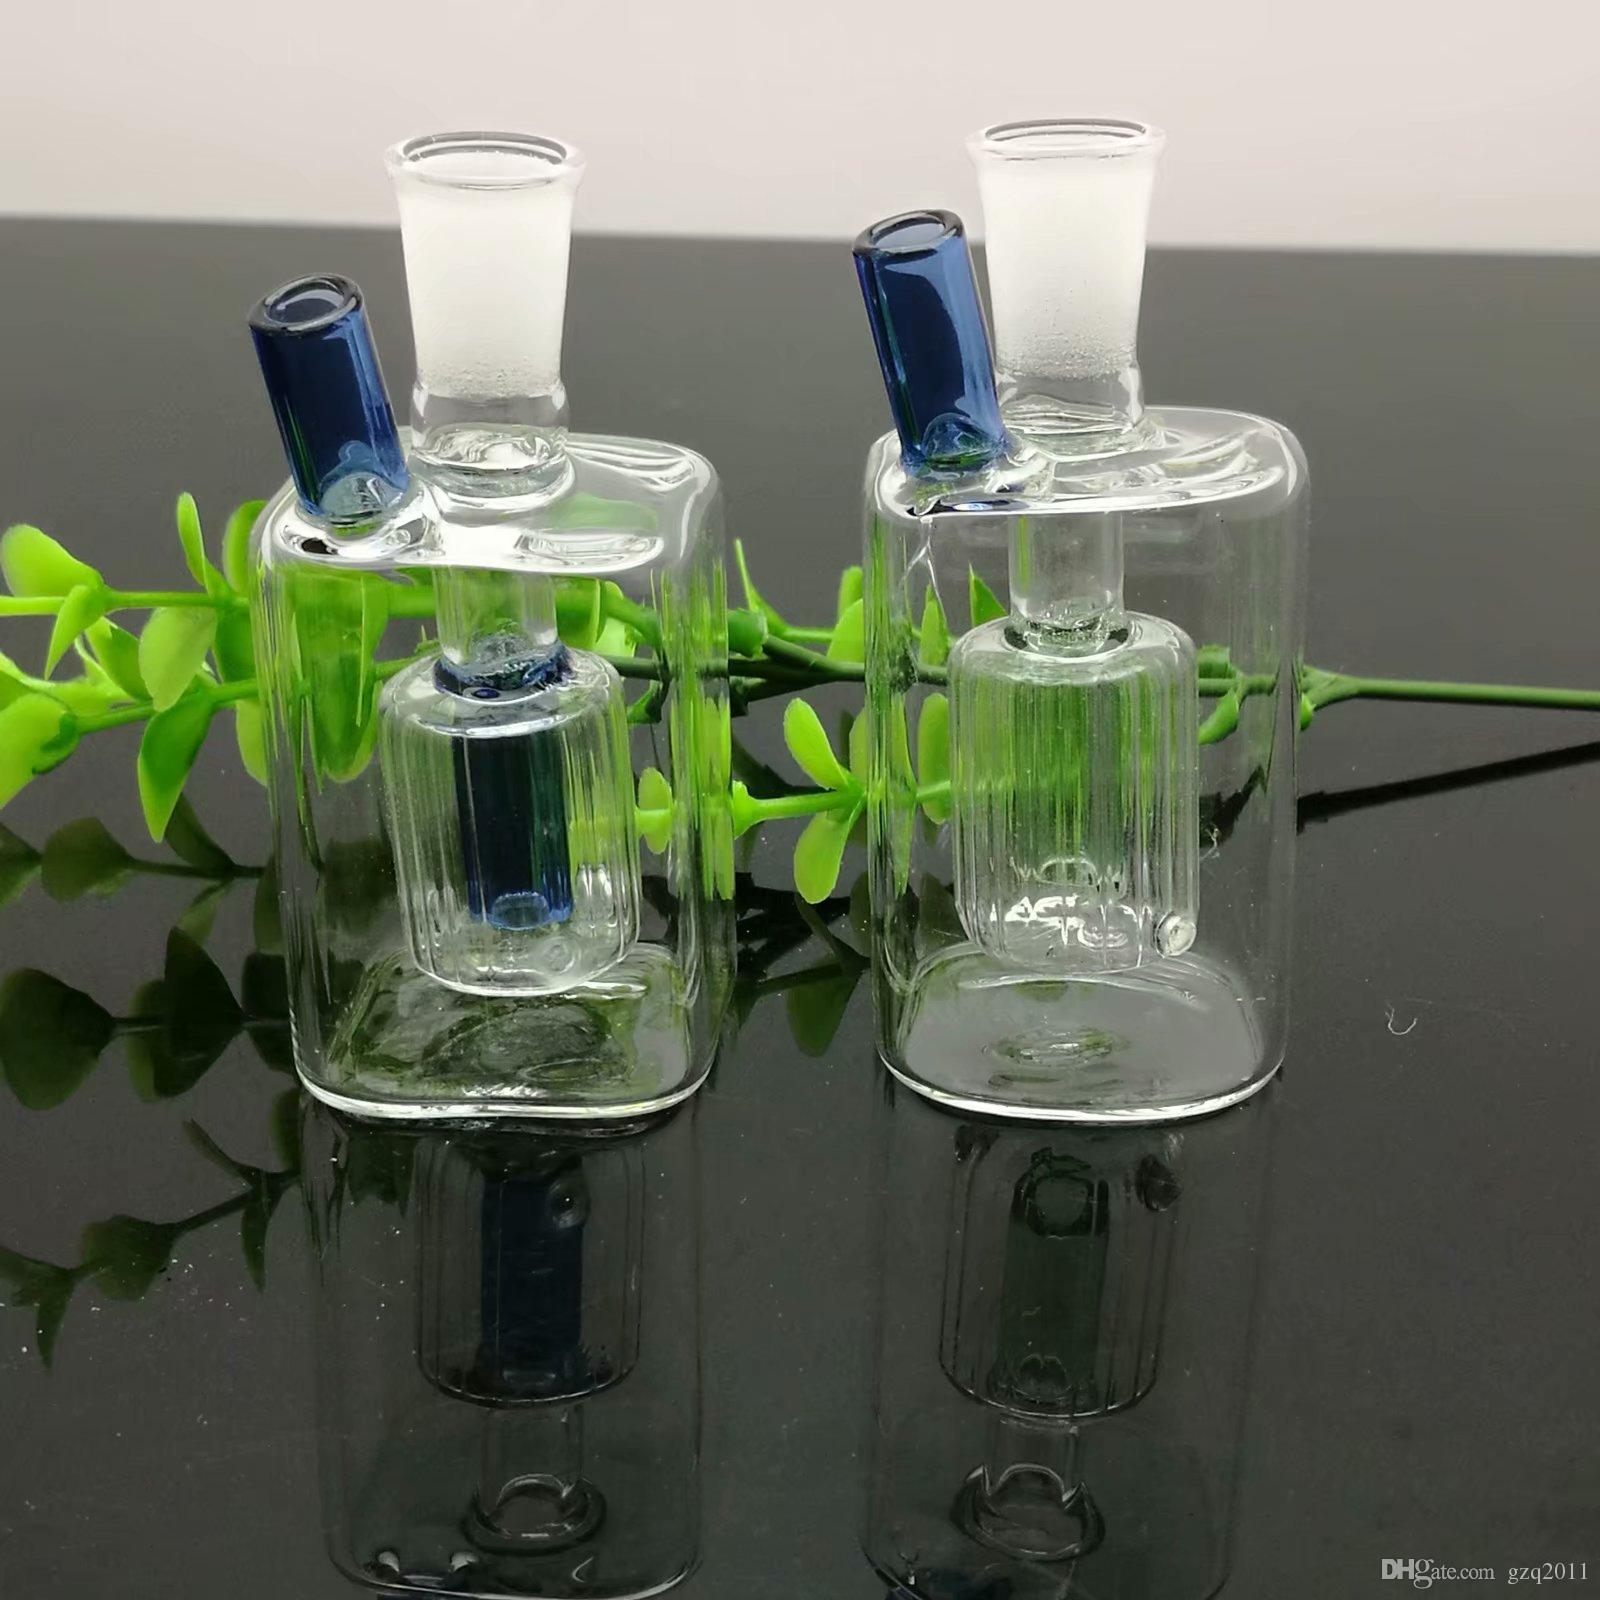 Sıcak yeni mini kare filtre cam su şişesi, Cam Bong Su Boru Bongs Boruları Aksesuarları Kaseler, renk rastgele teslim